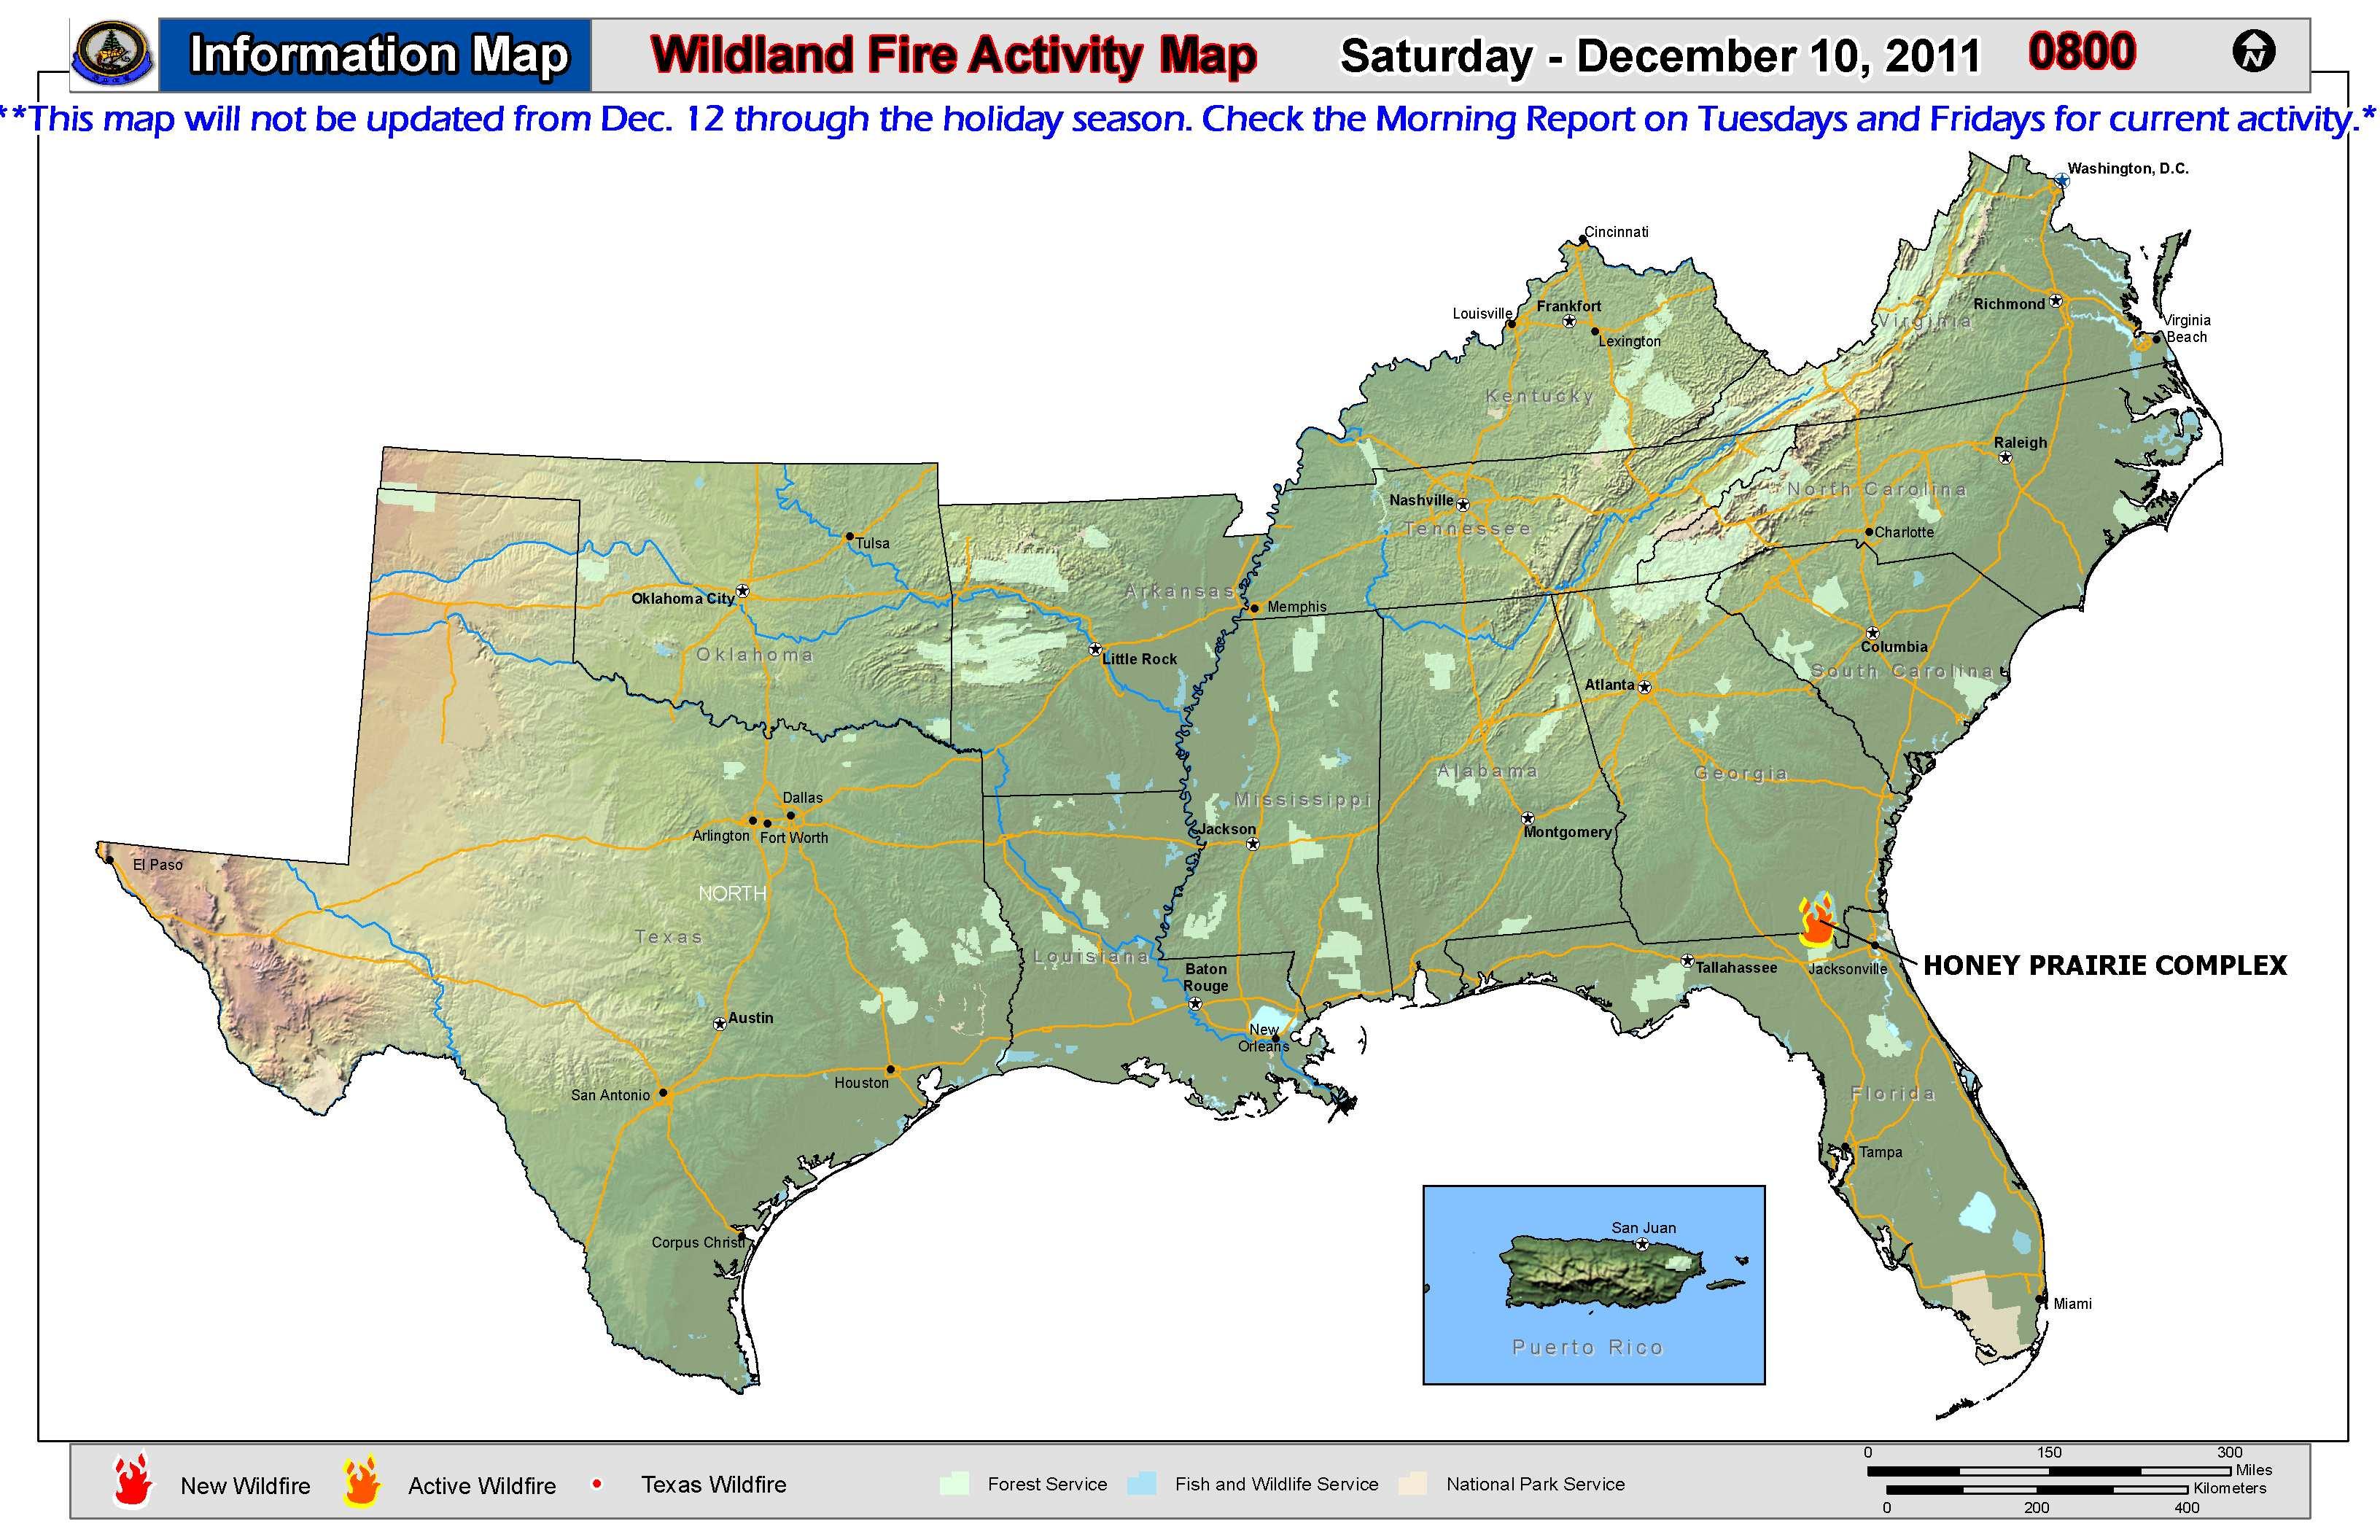 WildfireActivityMap_ANSIE.jpg